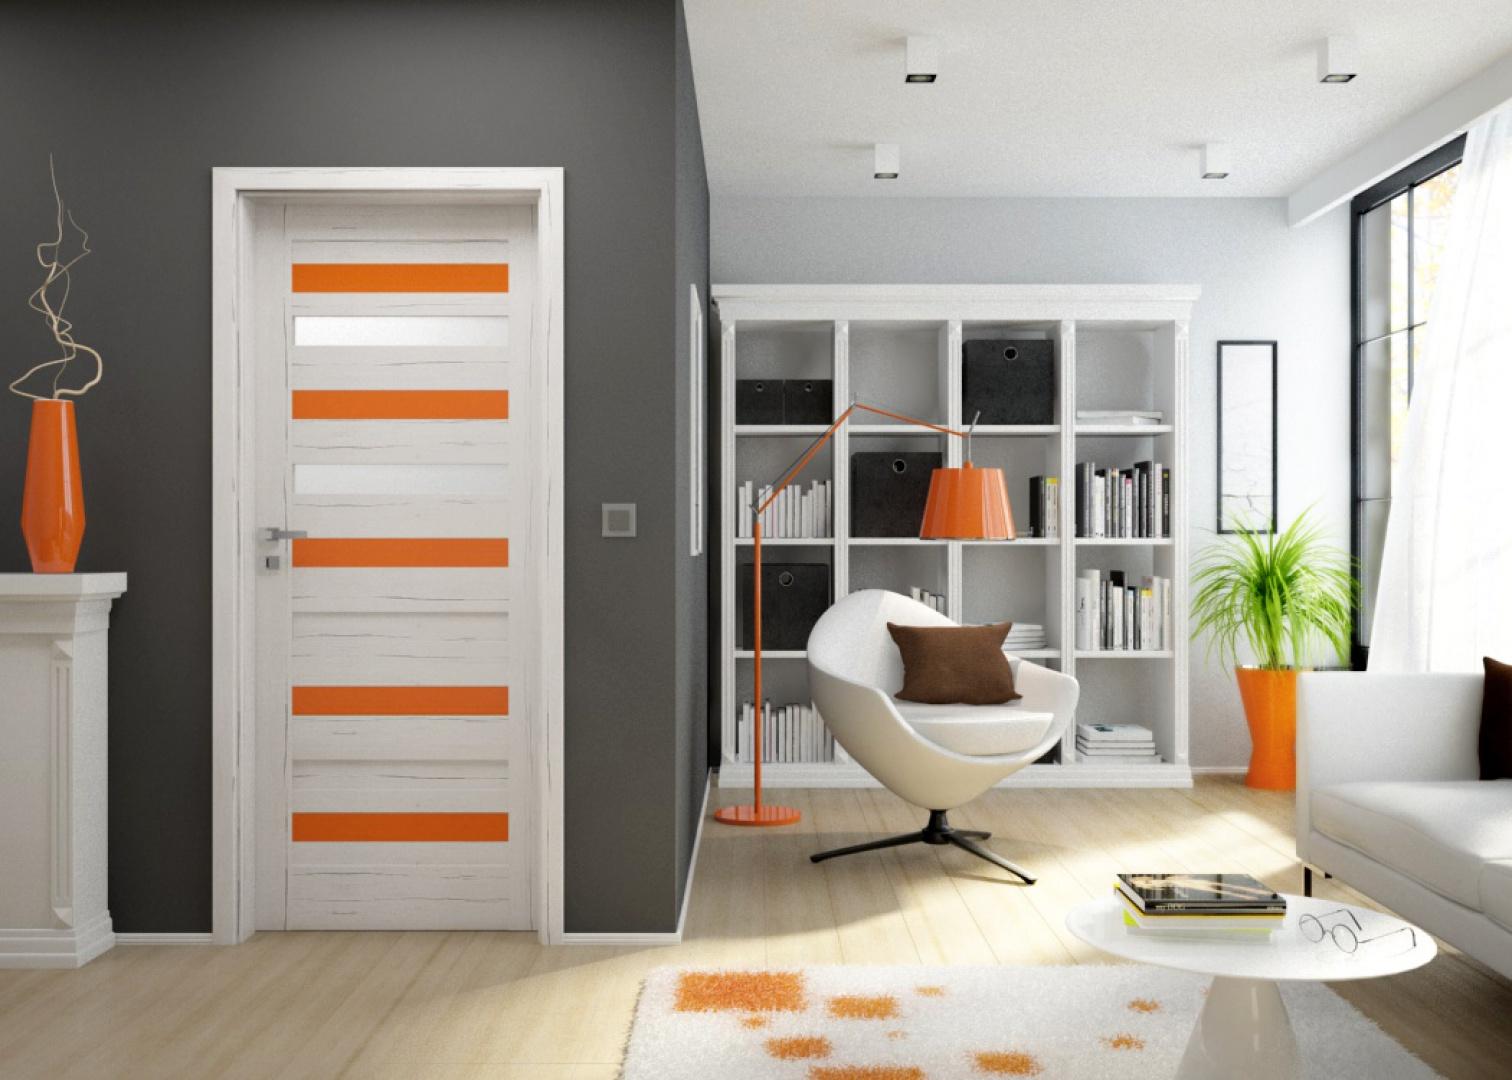 Kolekcja drzwi Destino Unico. Fot. Invado